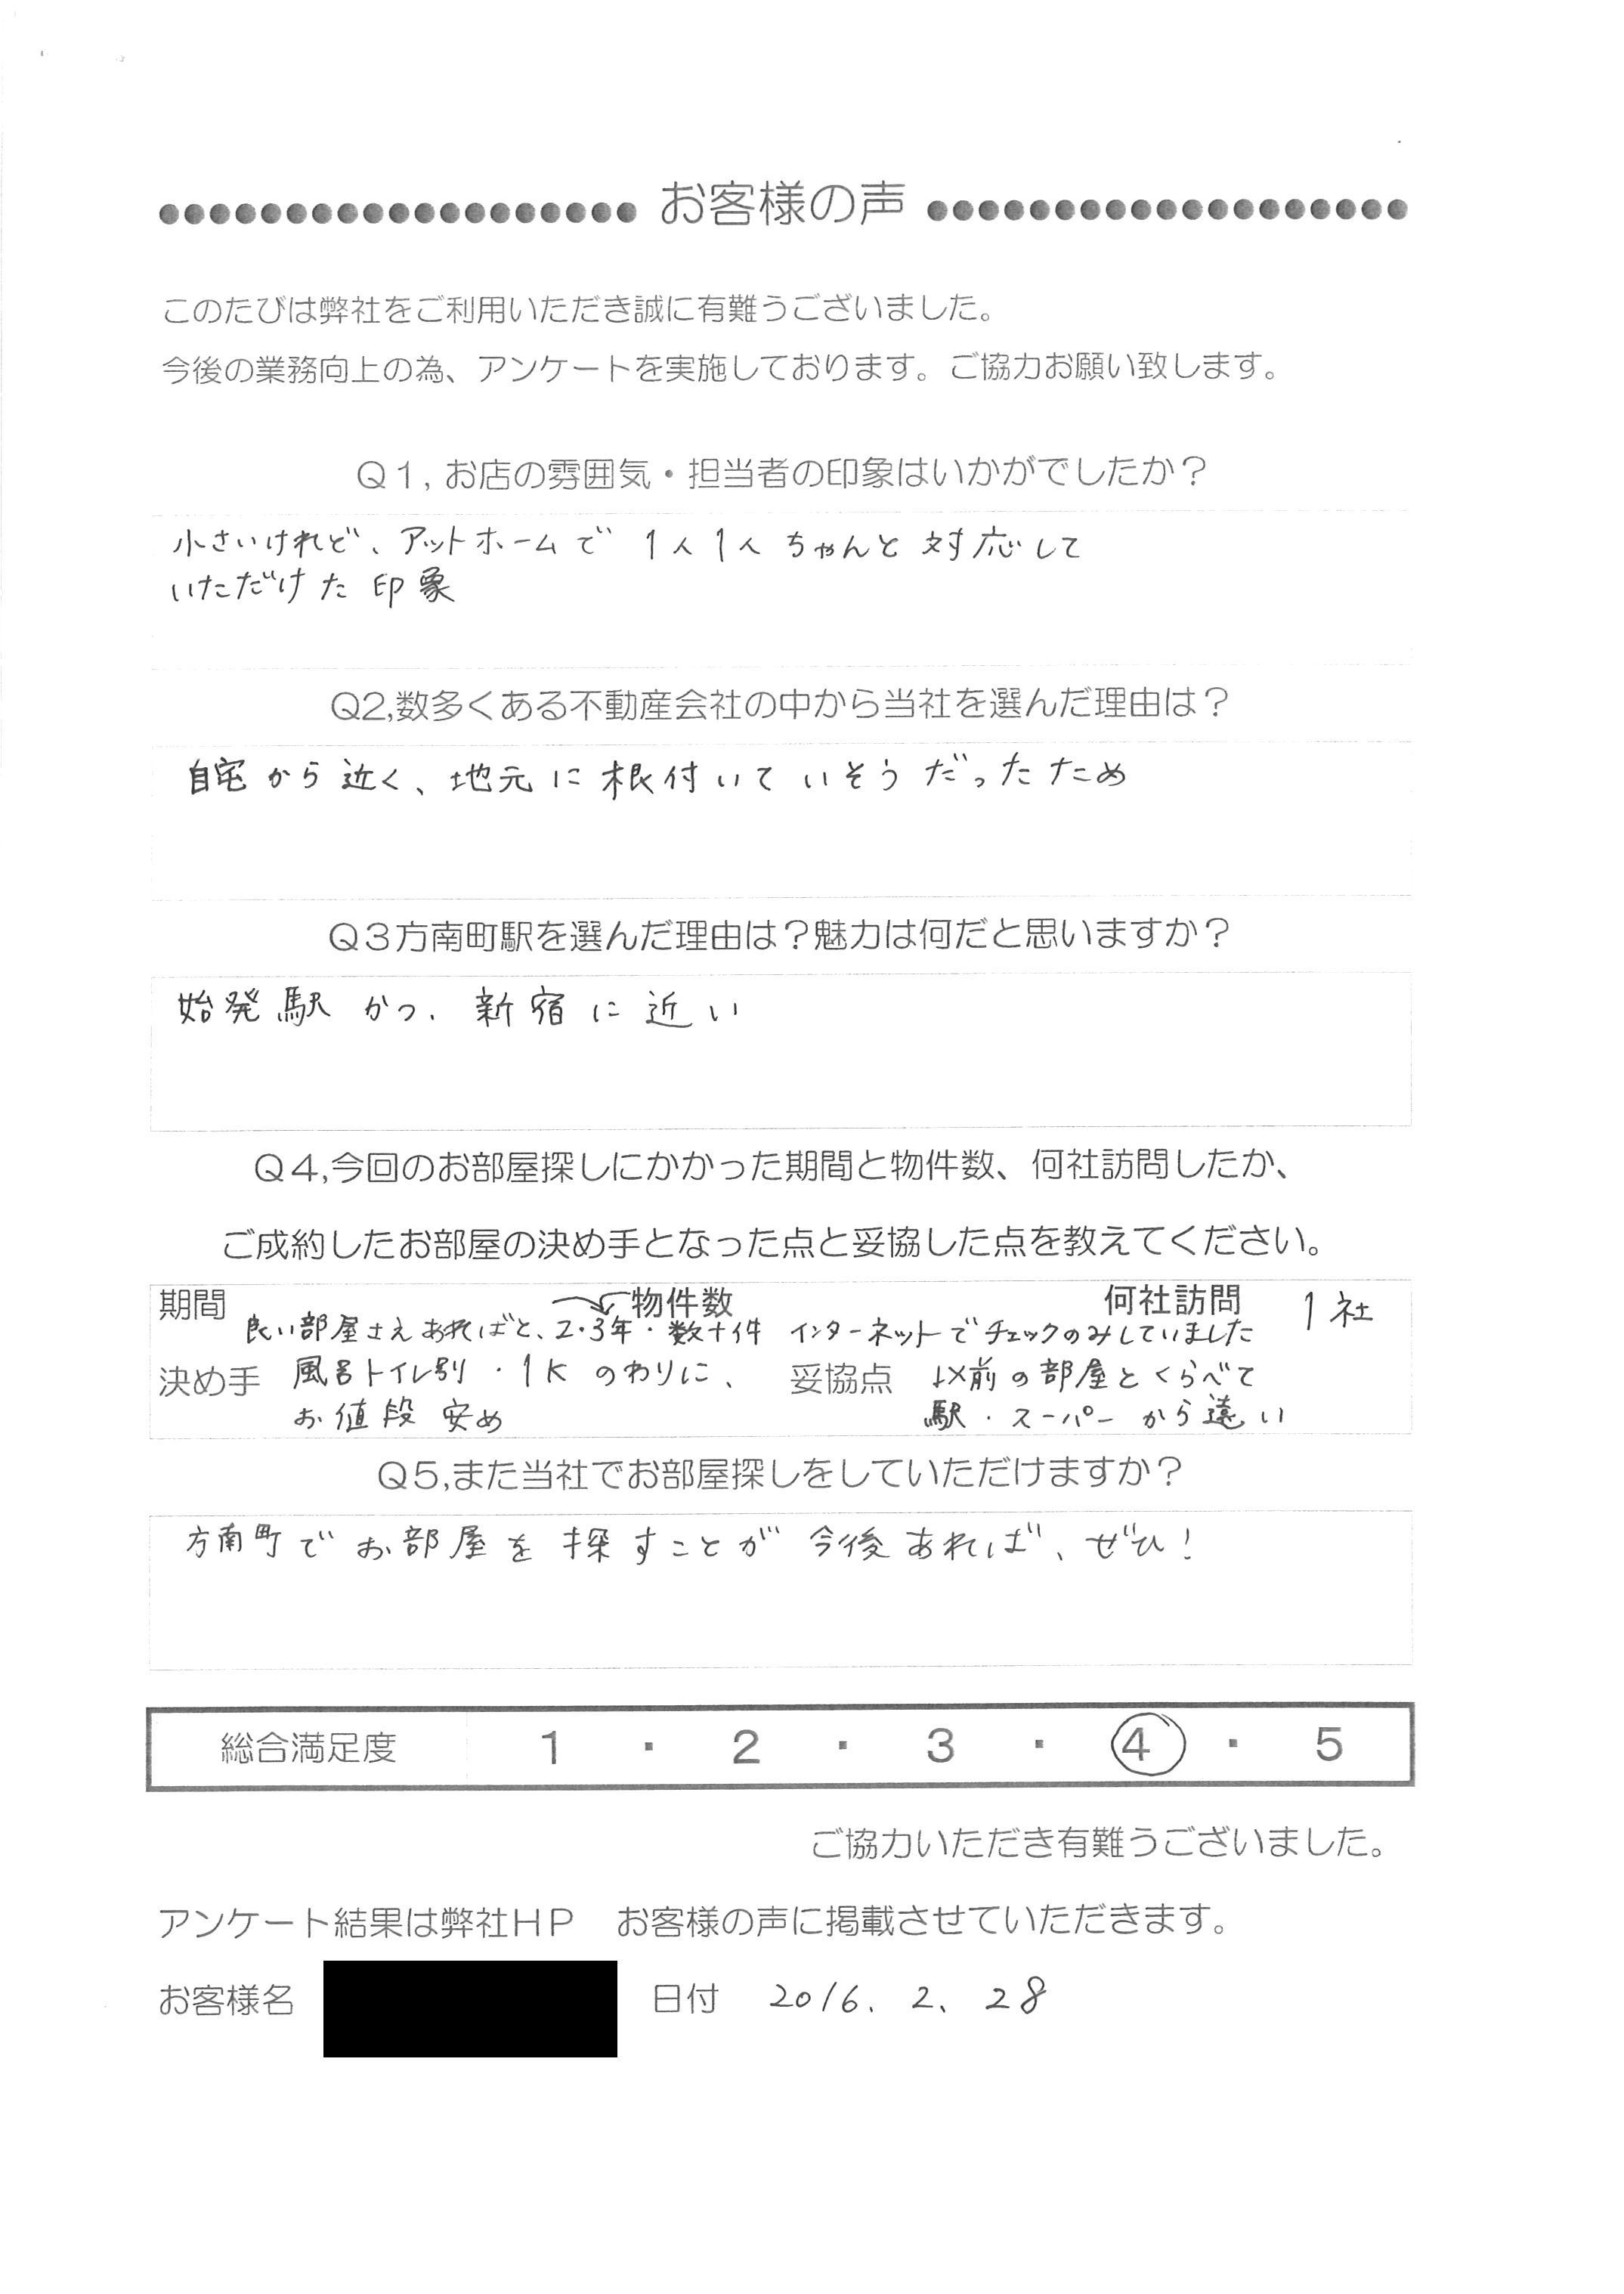 S・T 様 (30歳)女性(会社員)アンケート回答